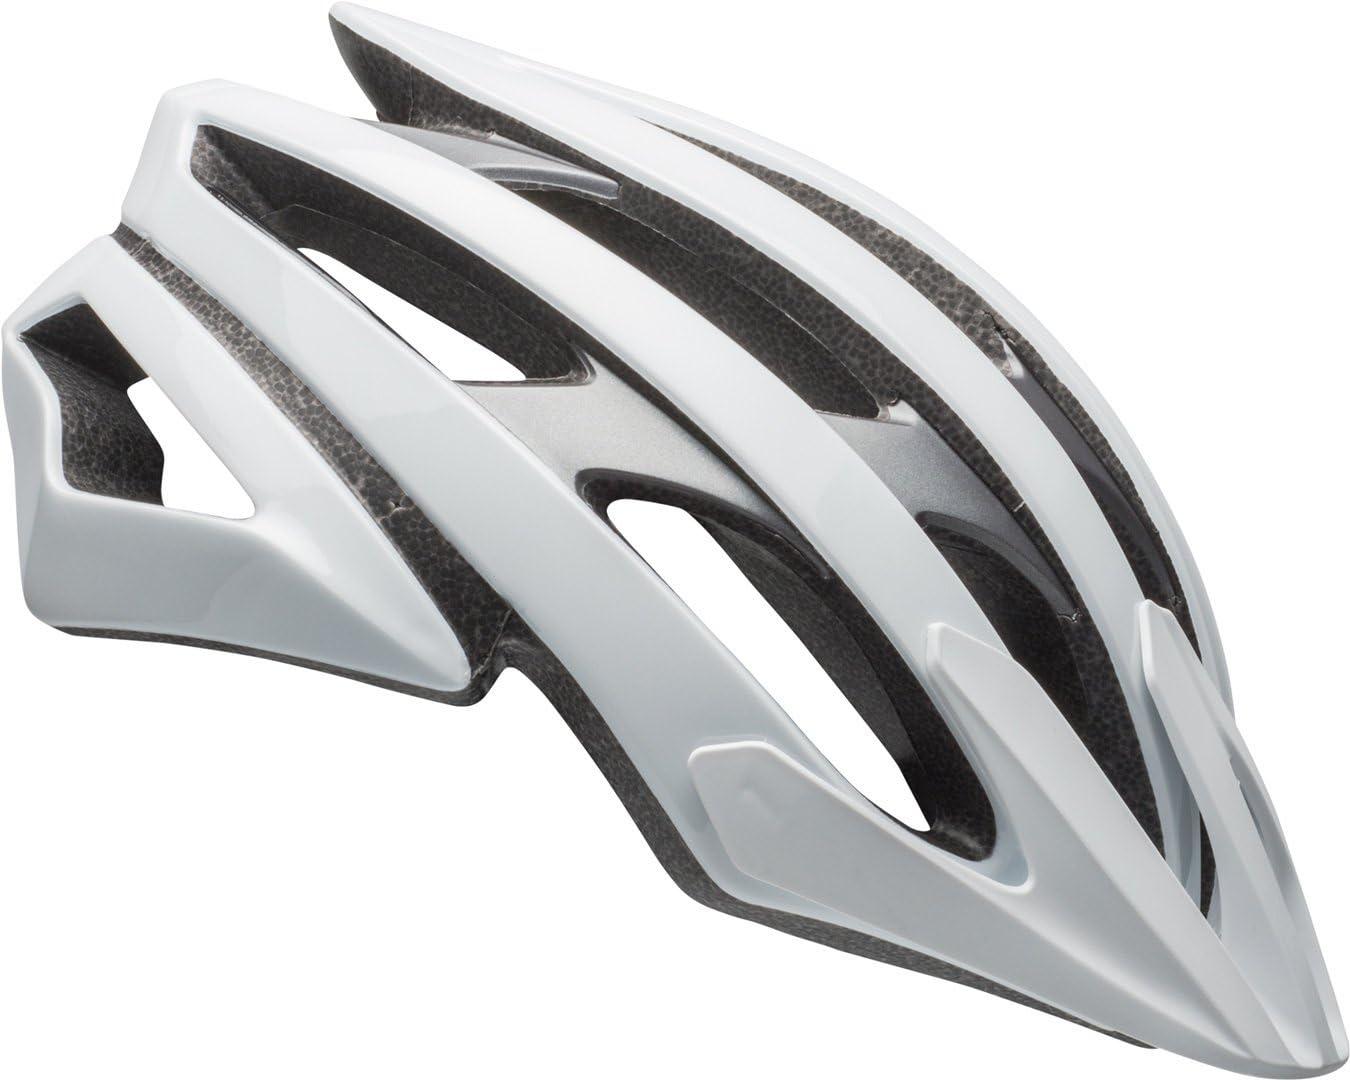 Blanco 2019 BELL Catalyst MIPS Casco de Bicicleta